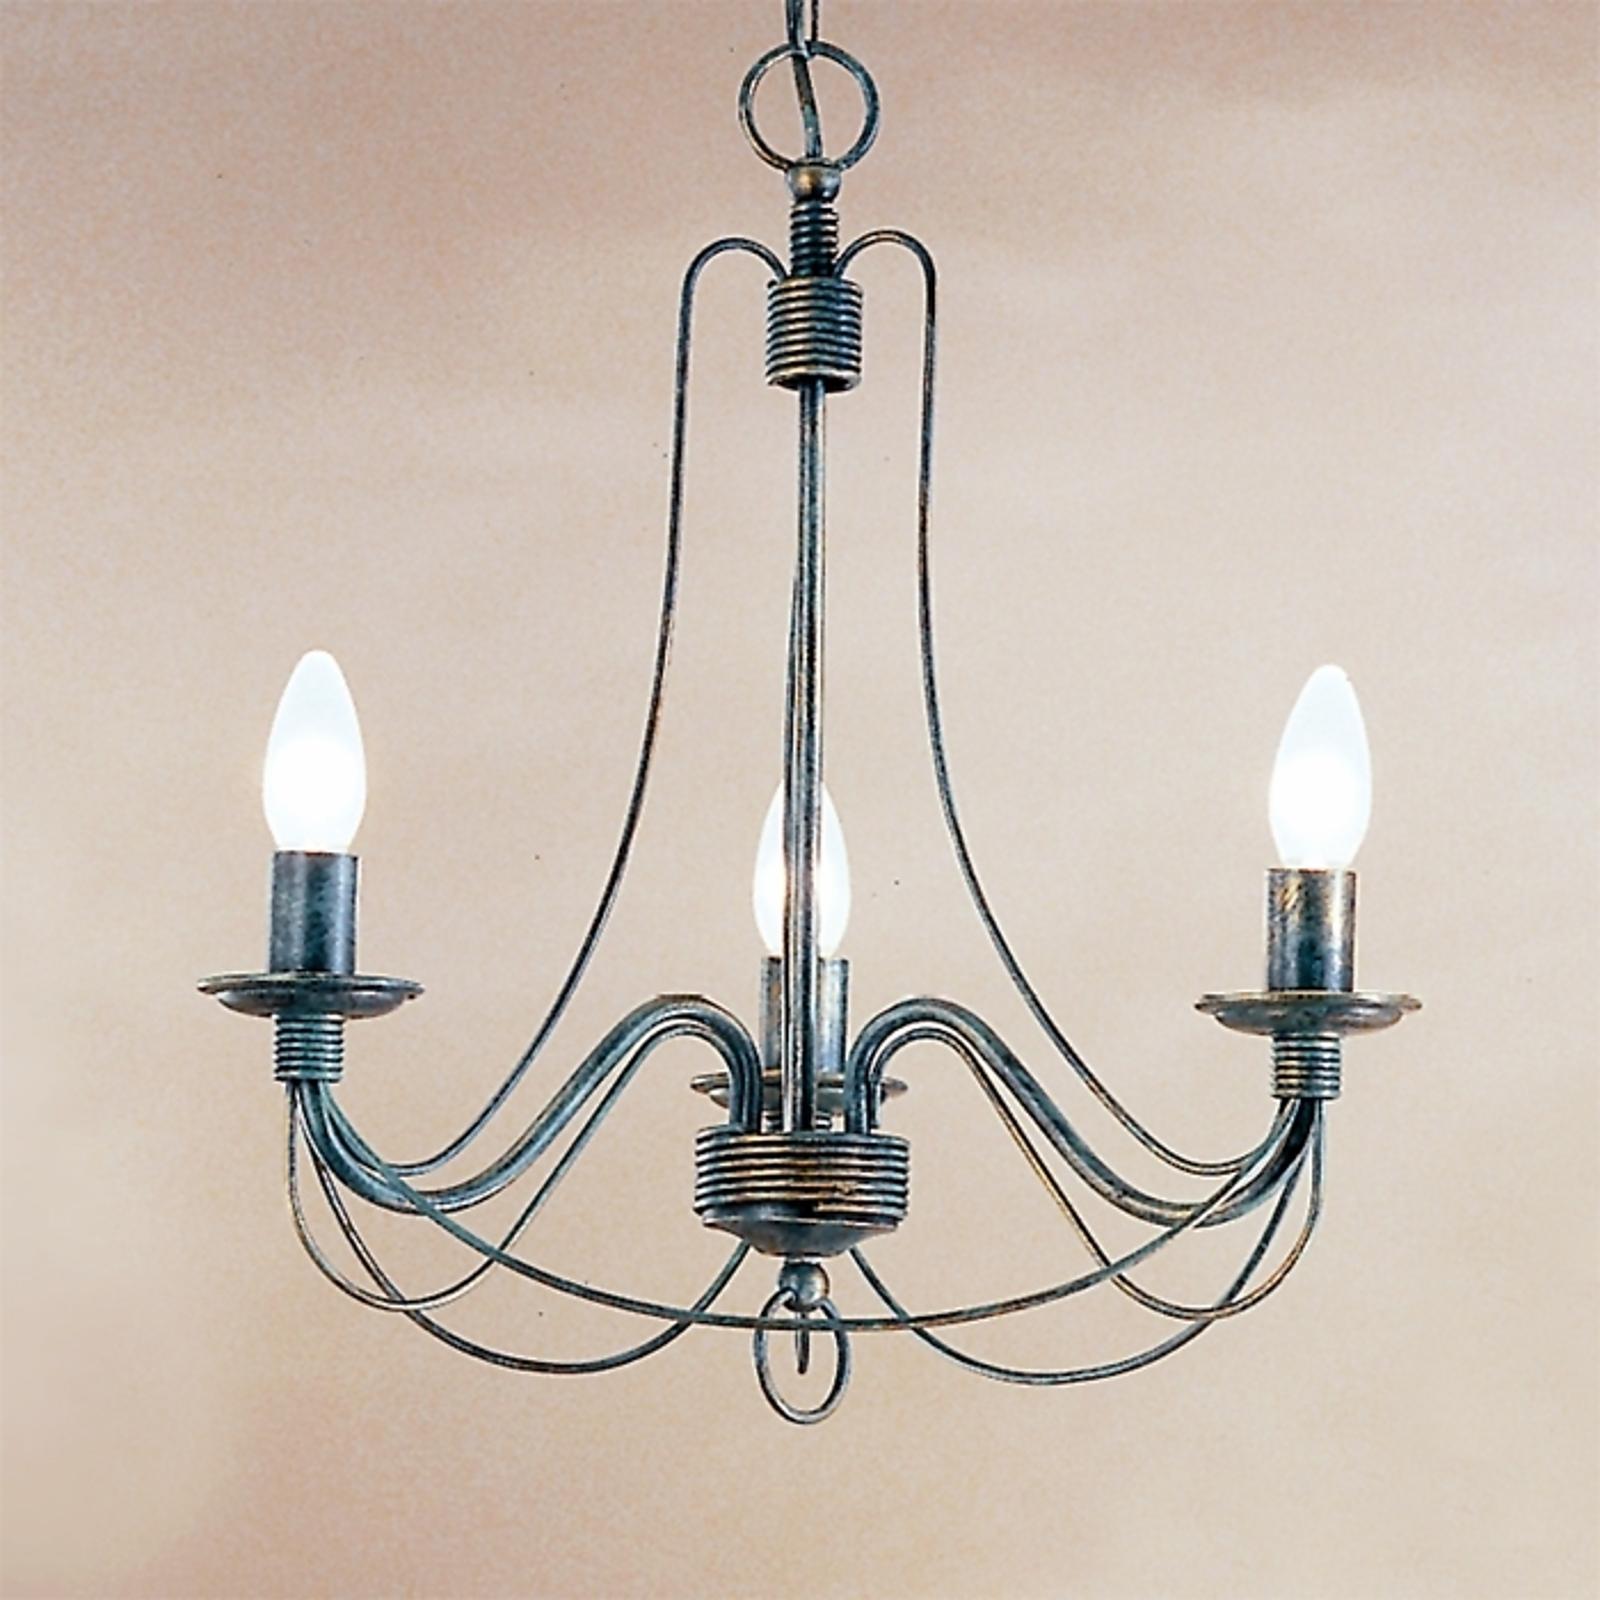 3-lamppuinen kattovalaisin CLARA maalaistyyliin